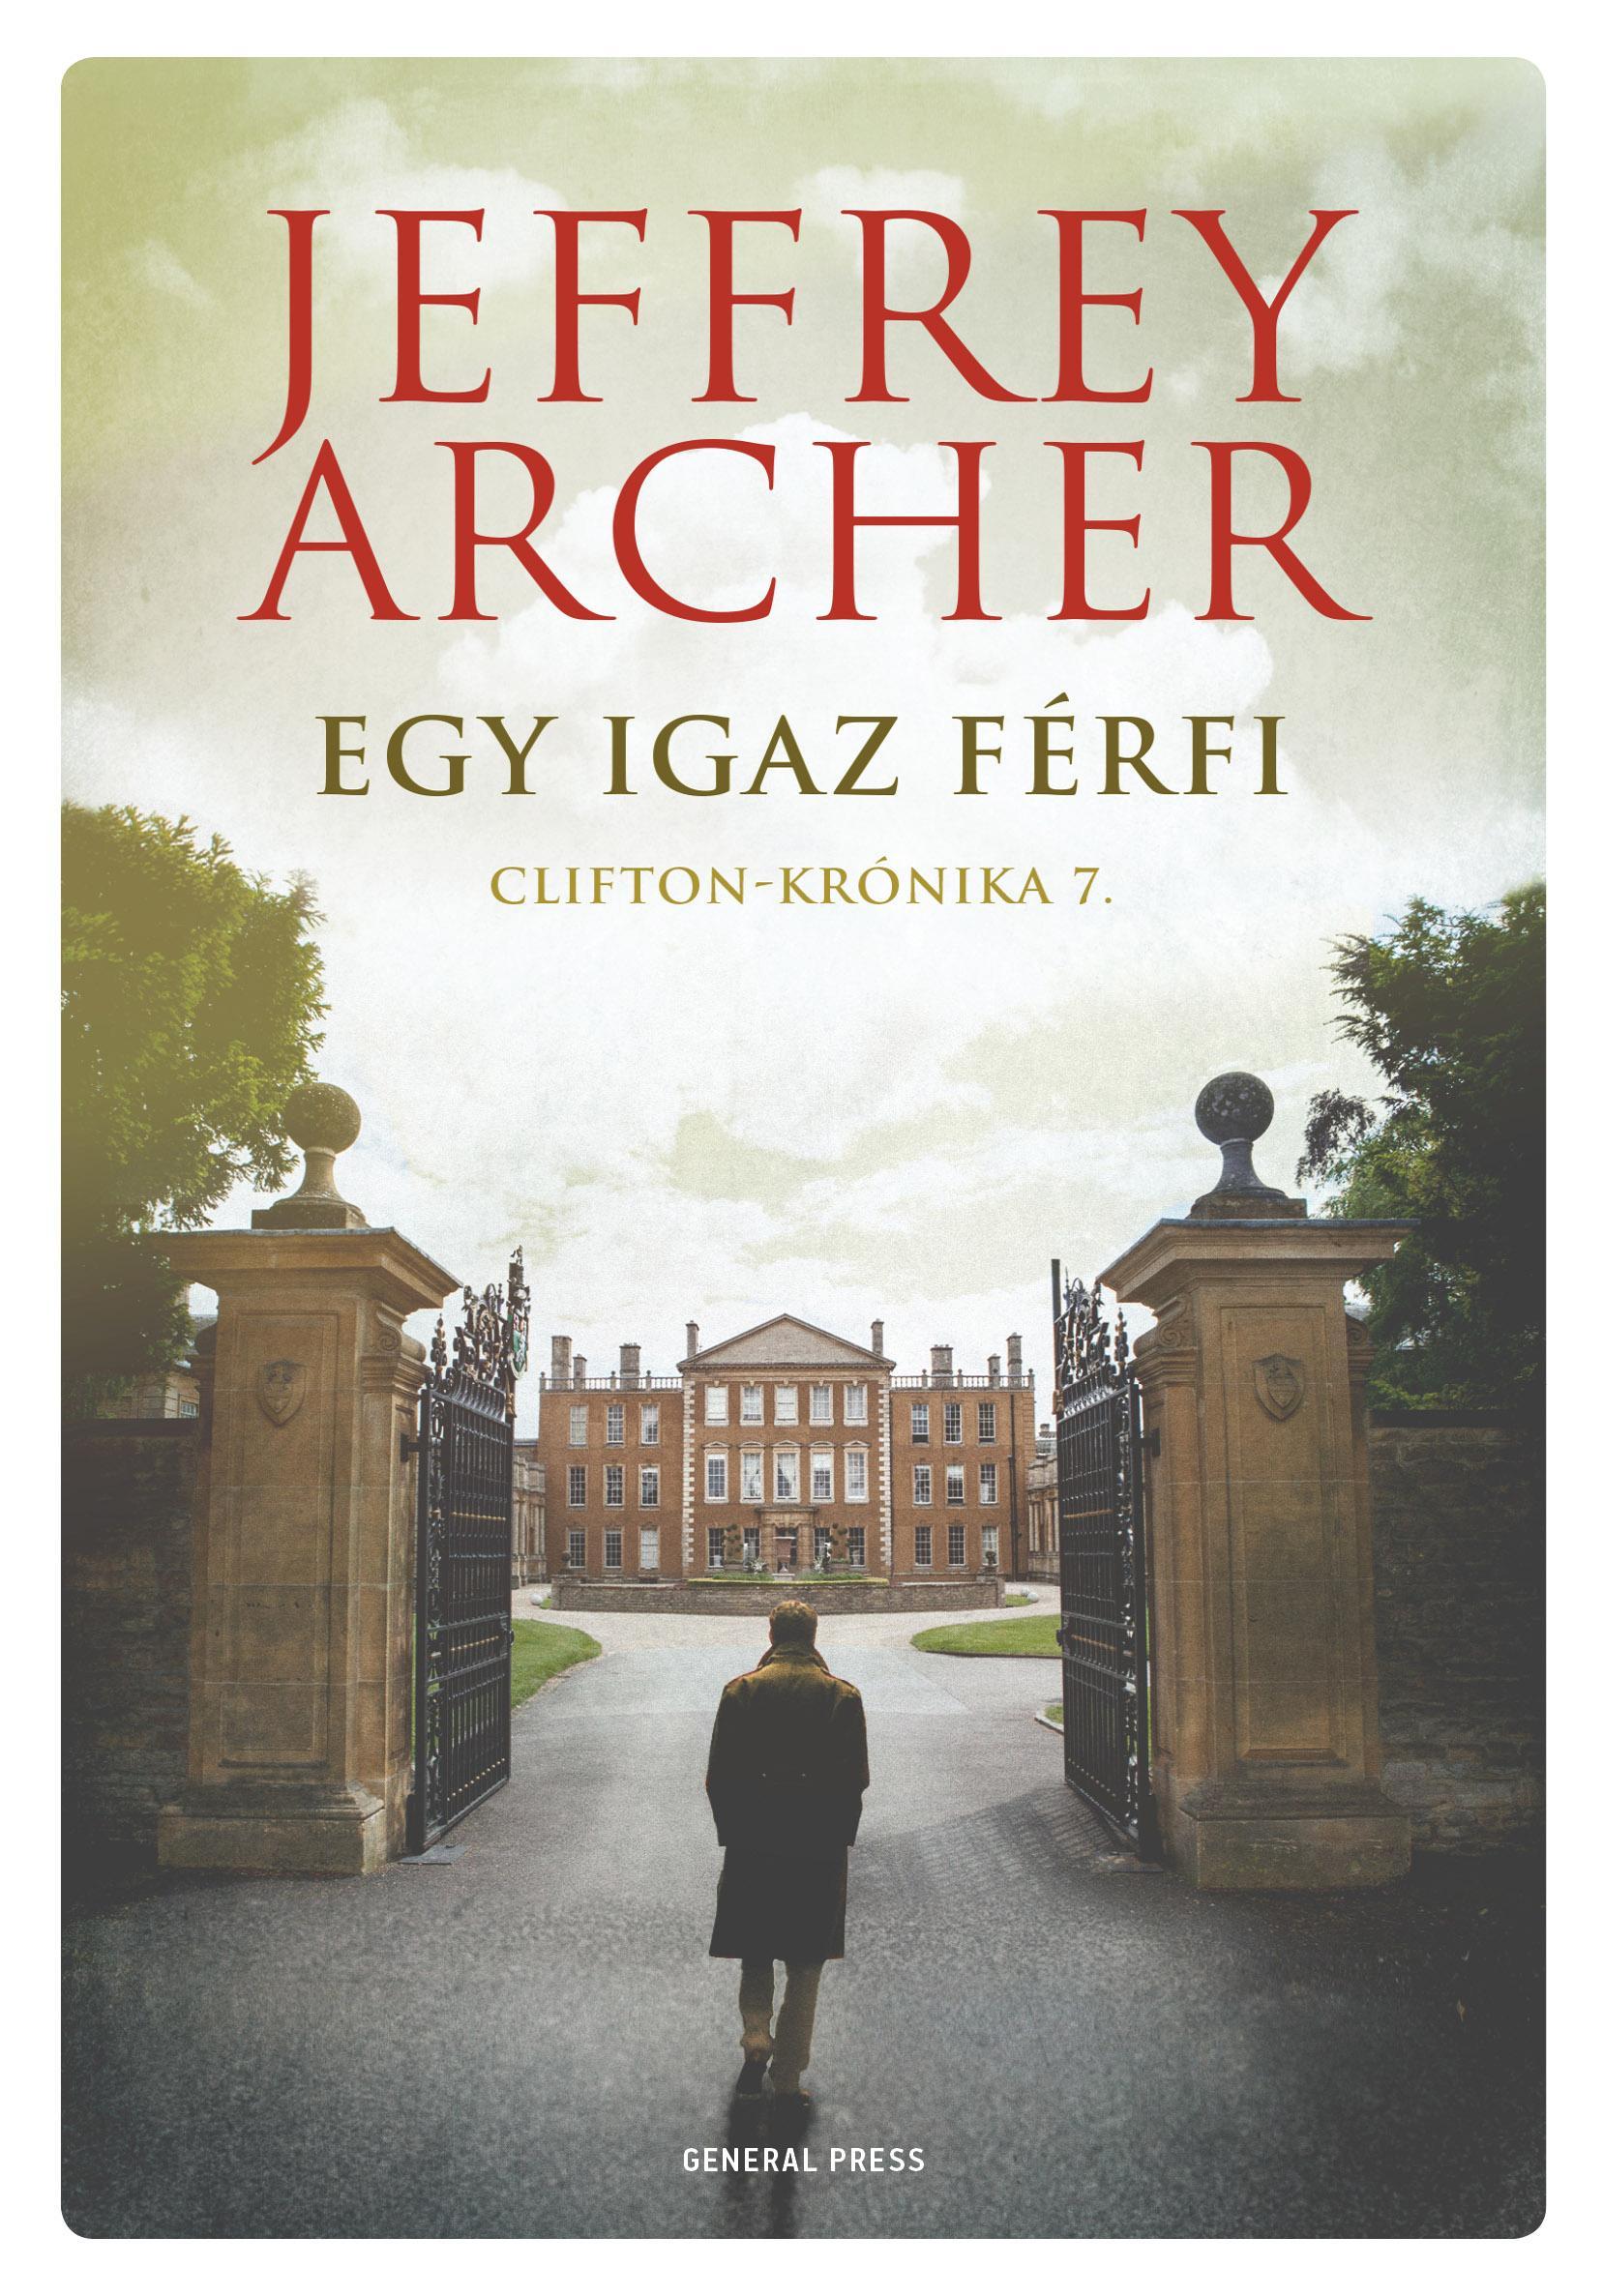 EGY IGAZ FÉRFI - CLIFTON-KRÓNIKA 7.